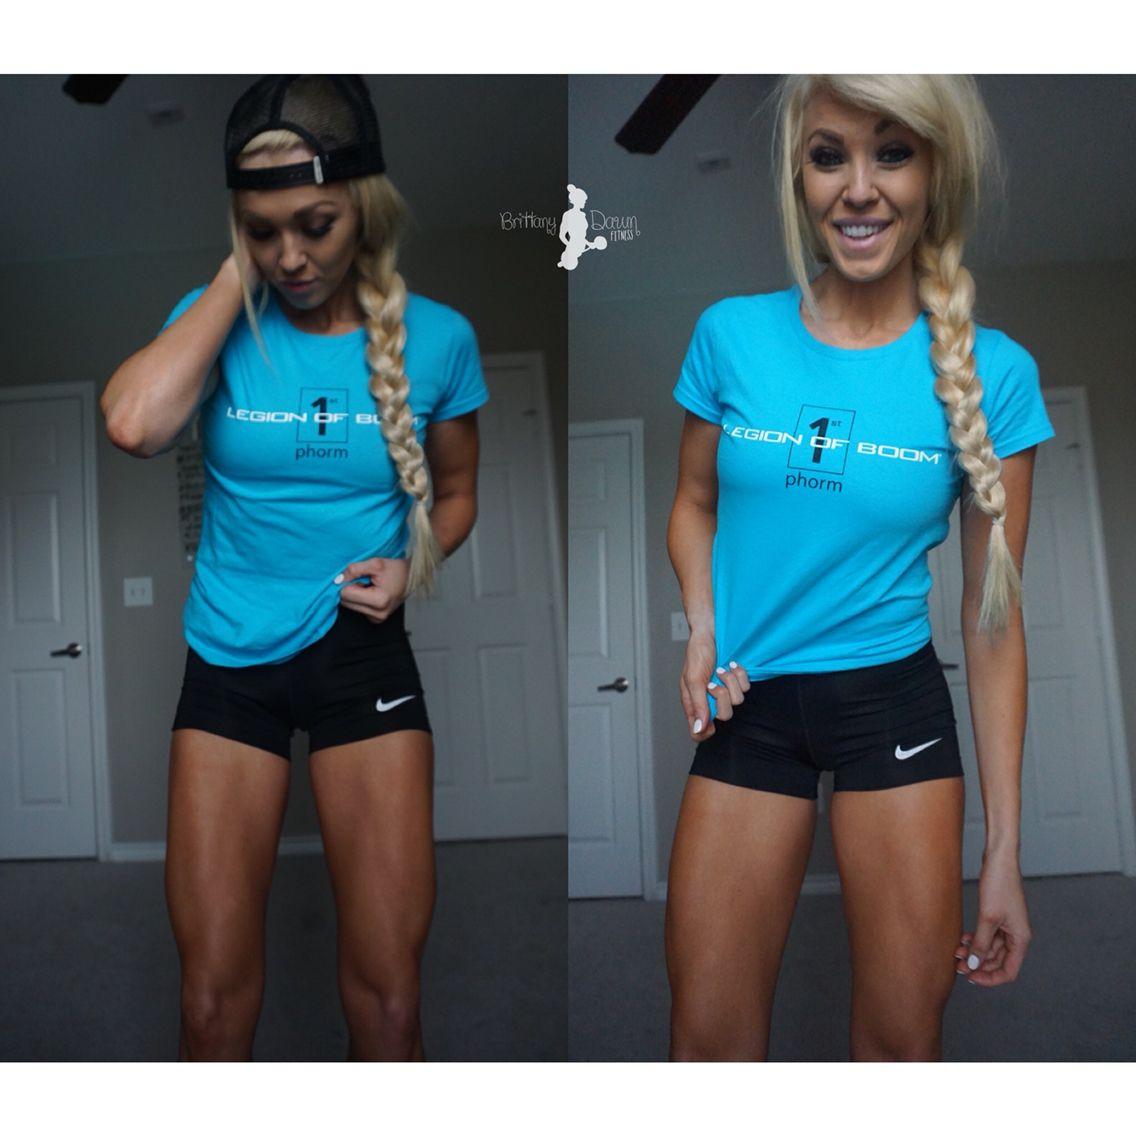 Instagram: @brittany_dawn_fitness | gainz | Pinterest ... Brittany Dawn Fitness